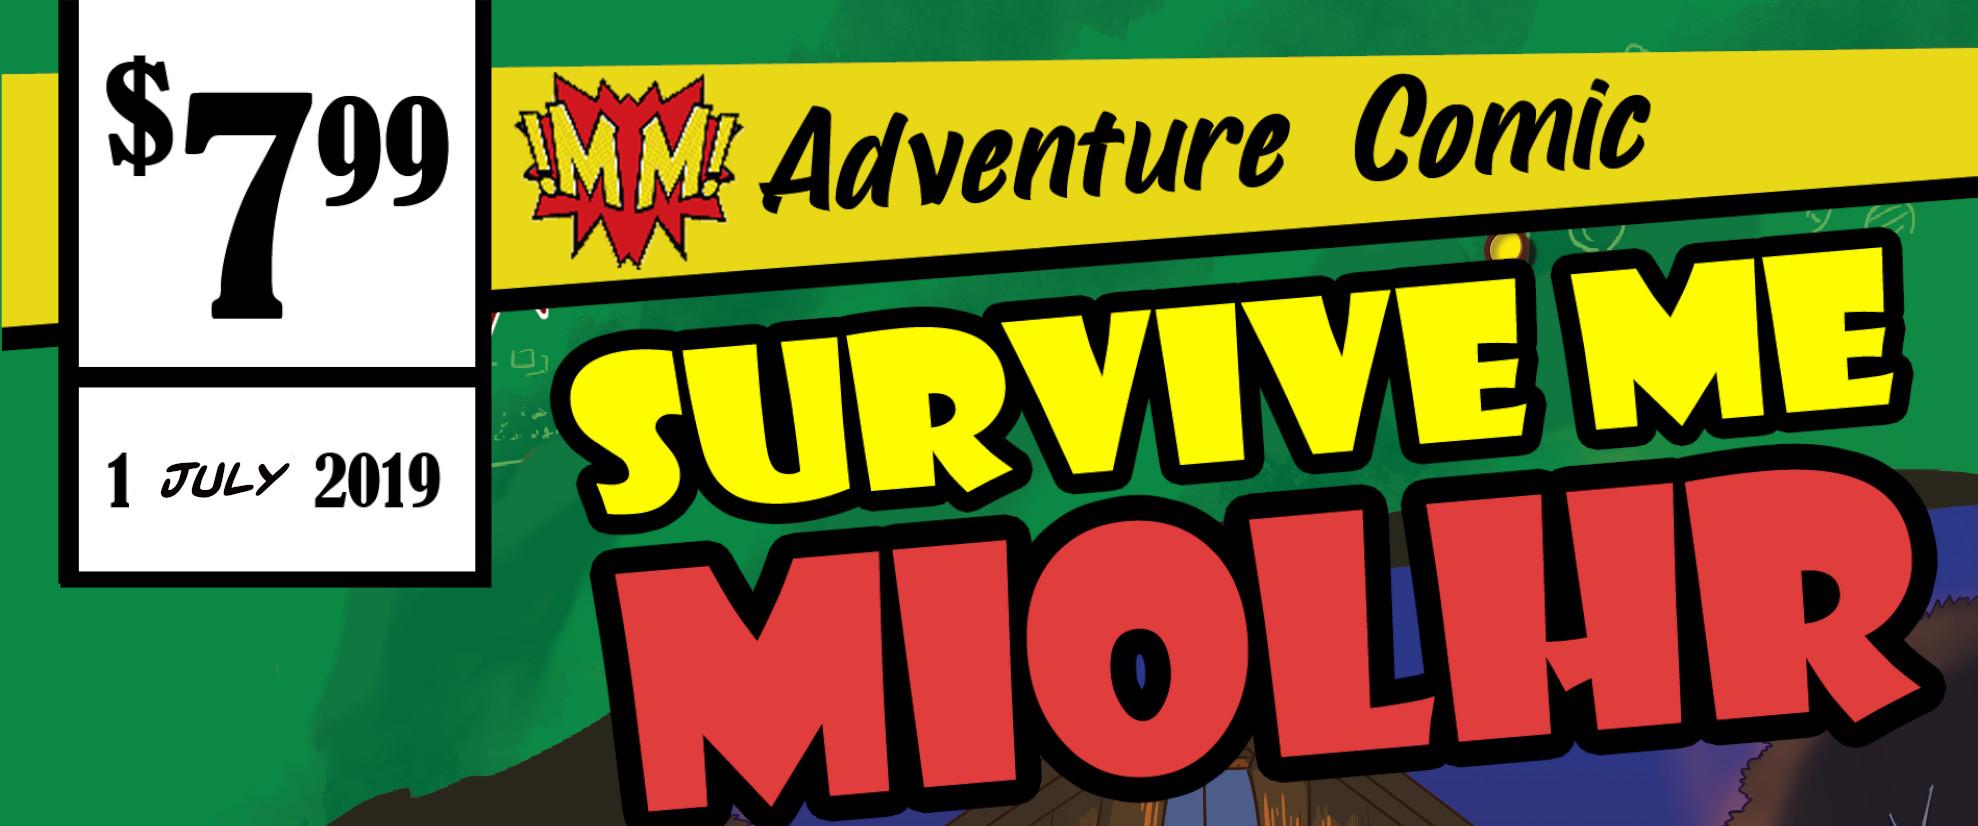 Survive Me Miolhr # 3